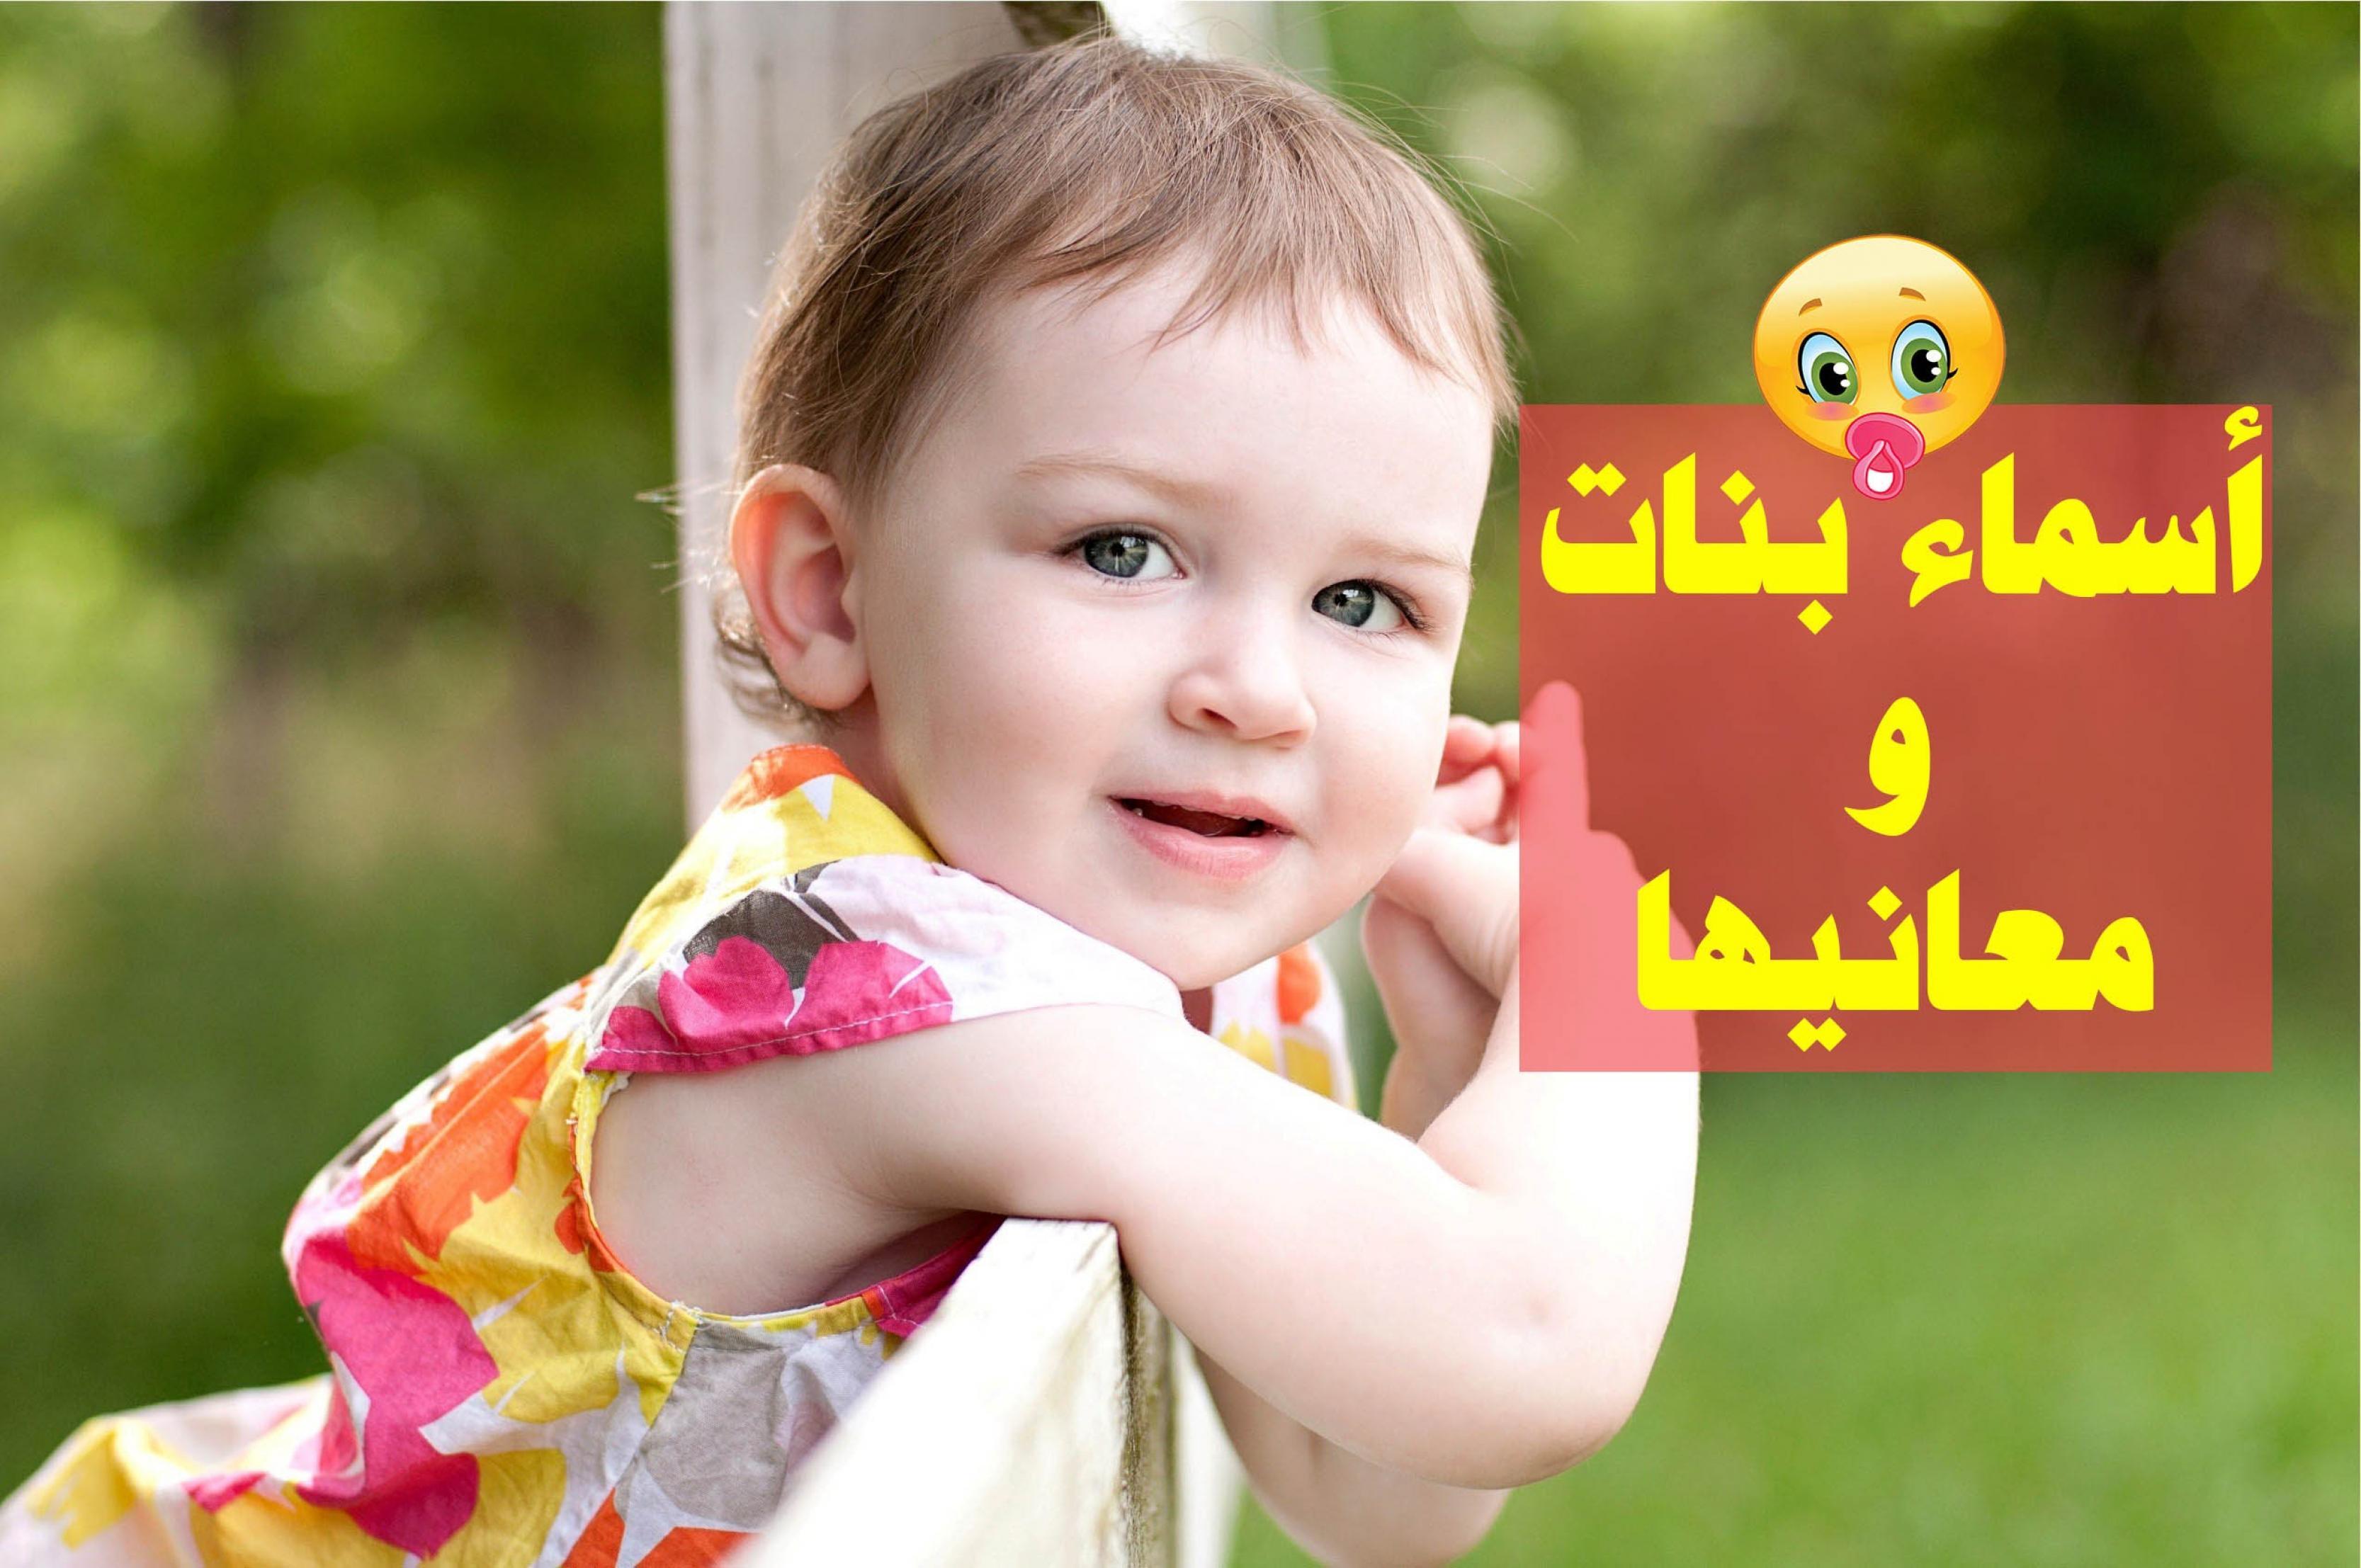 صوره اريد اسماء بنات  جميلة ونادرة هدية للازواج